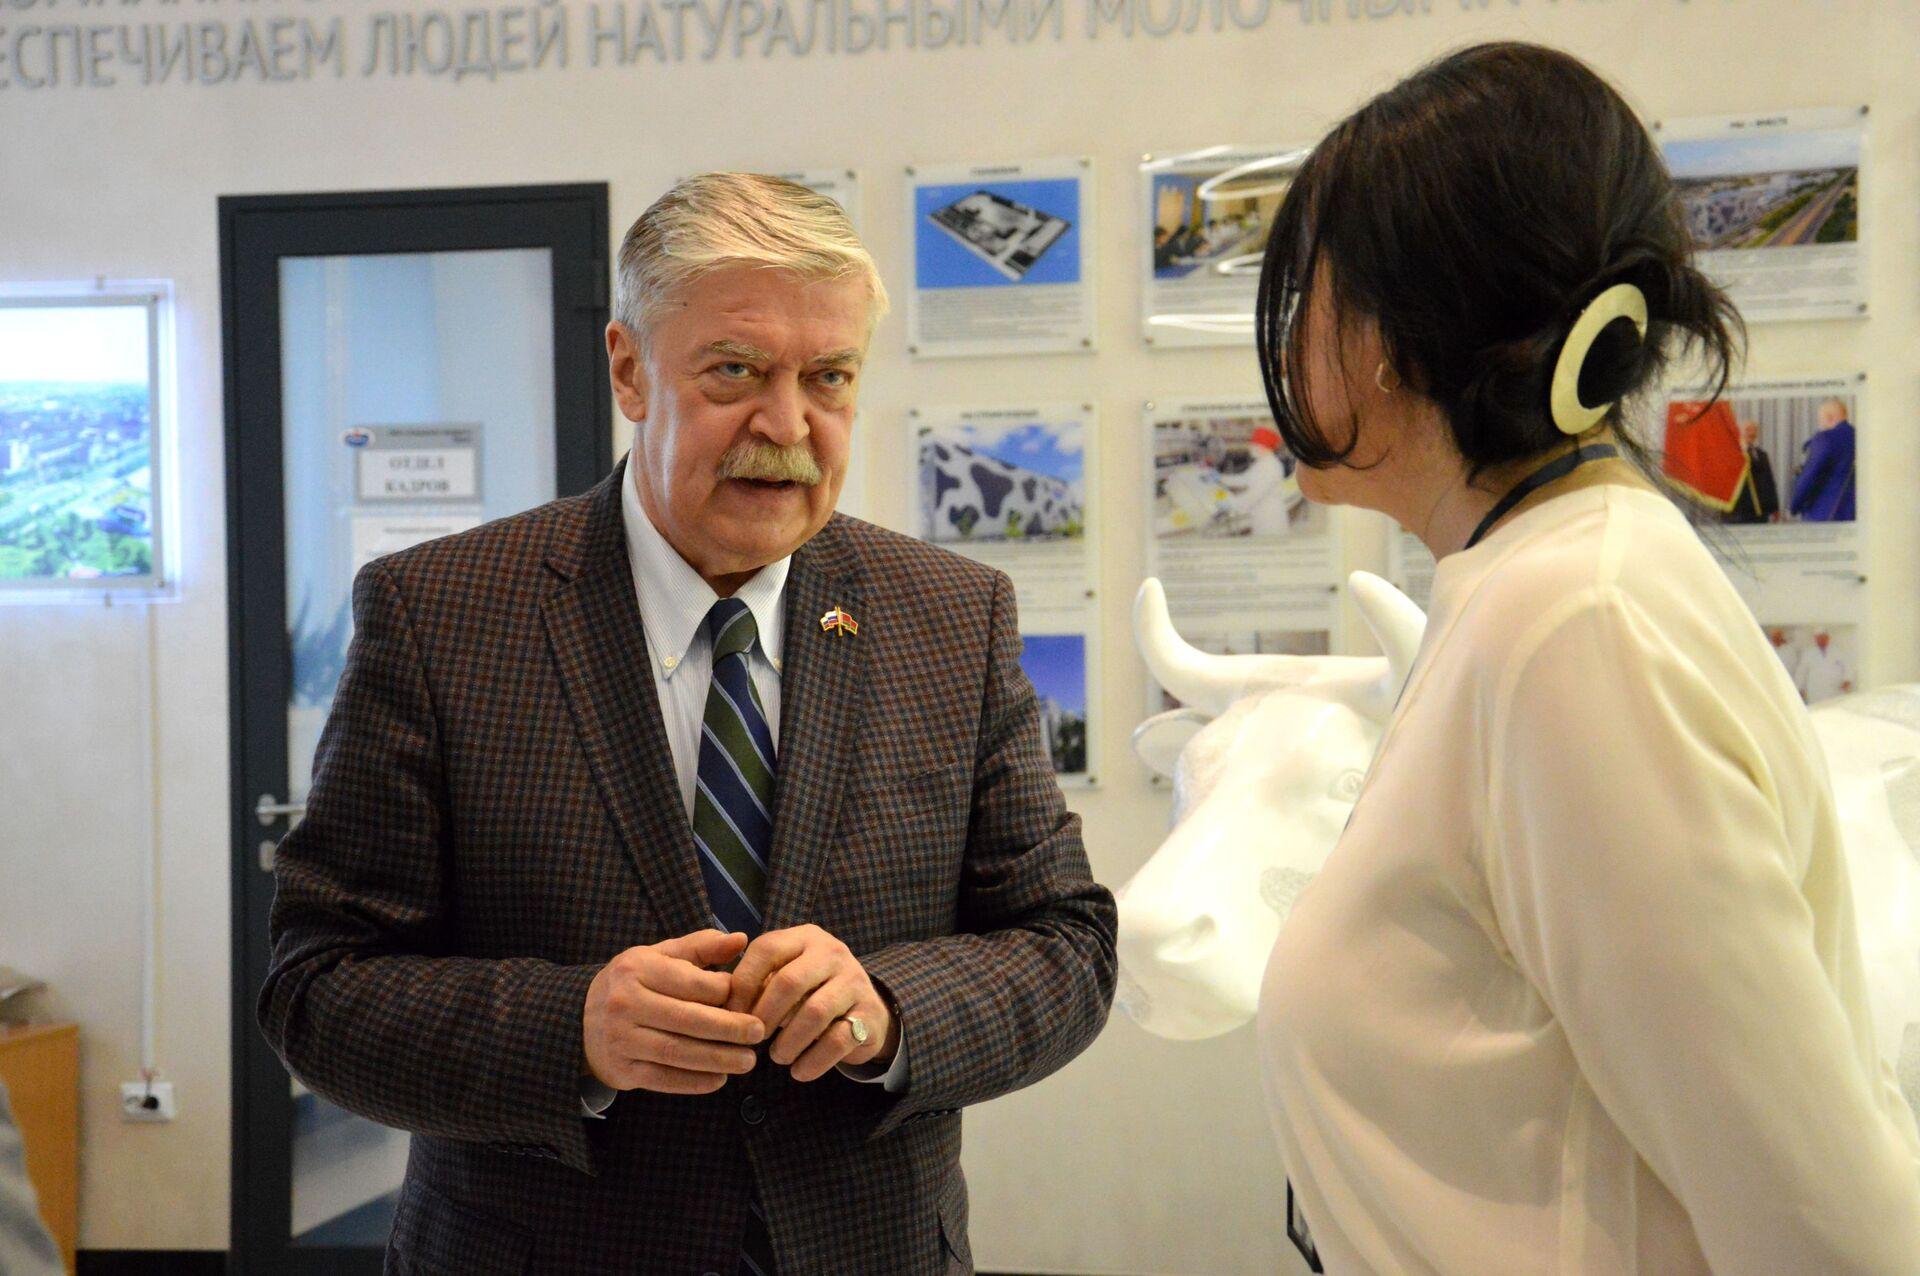 Российскому дипломату рассказали о трехступенчатом контроле качества продукции на предприятии - Sputnik Беларусь, 1920, 29.06.2021